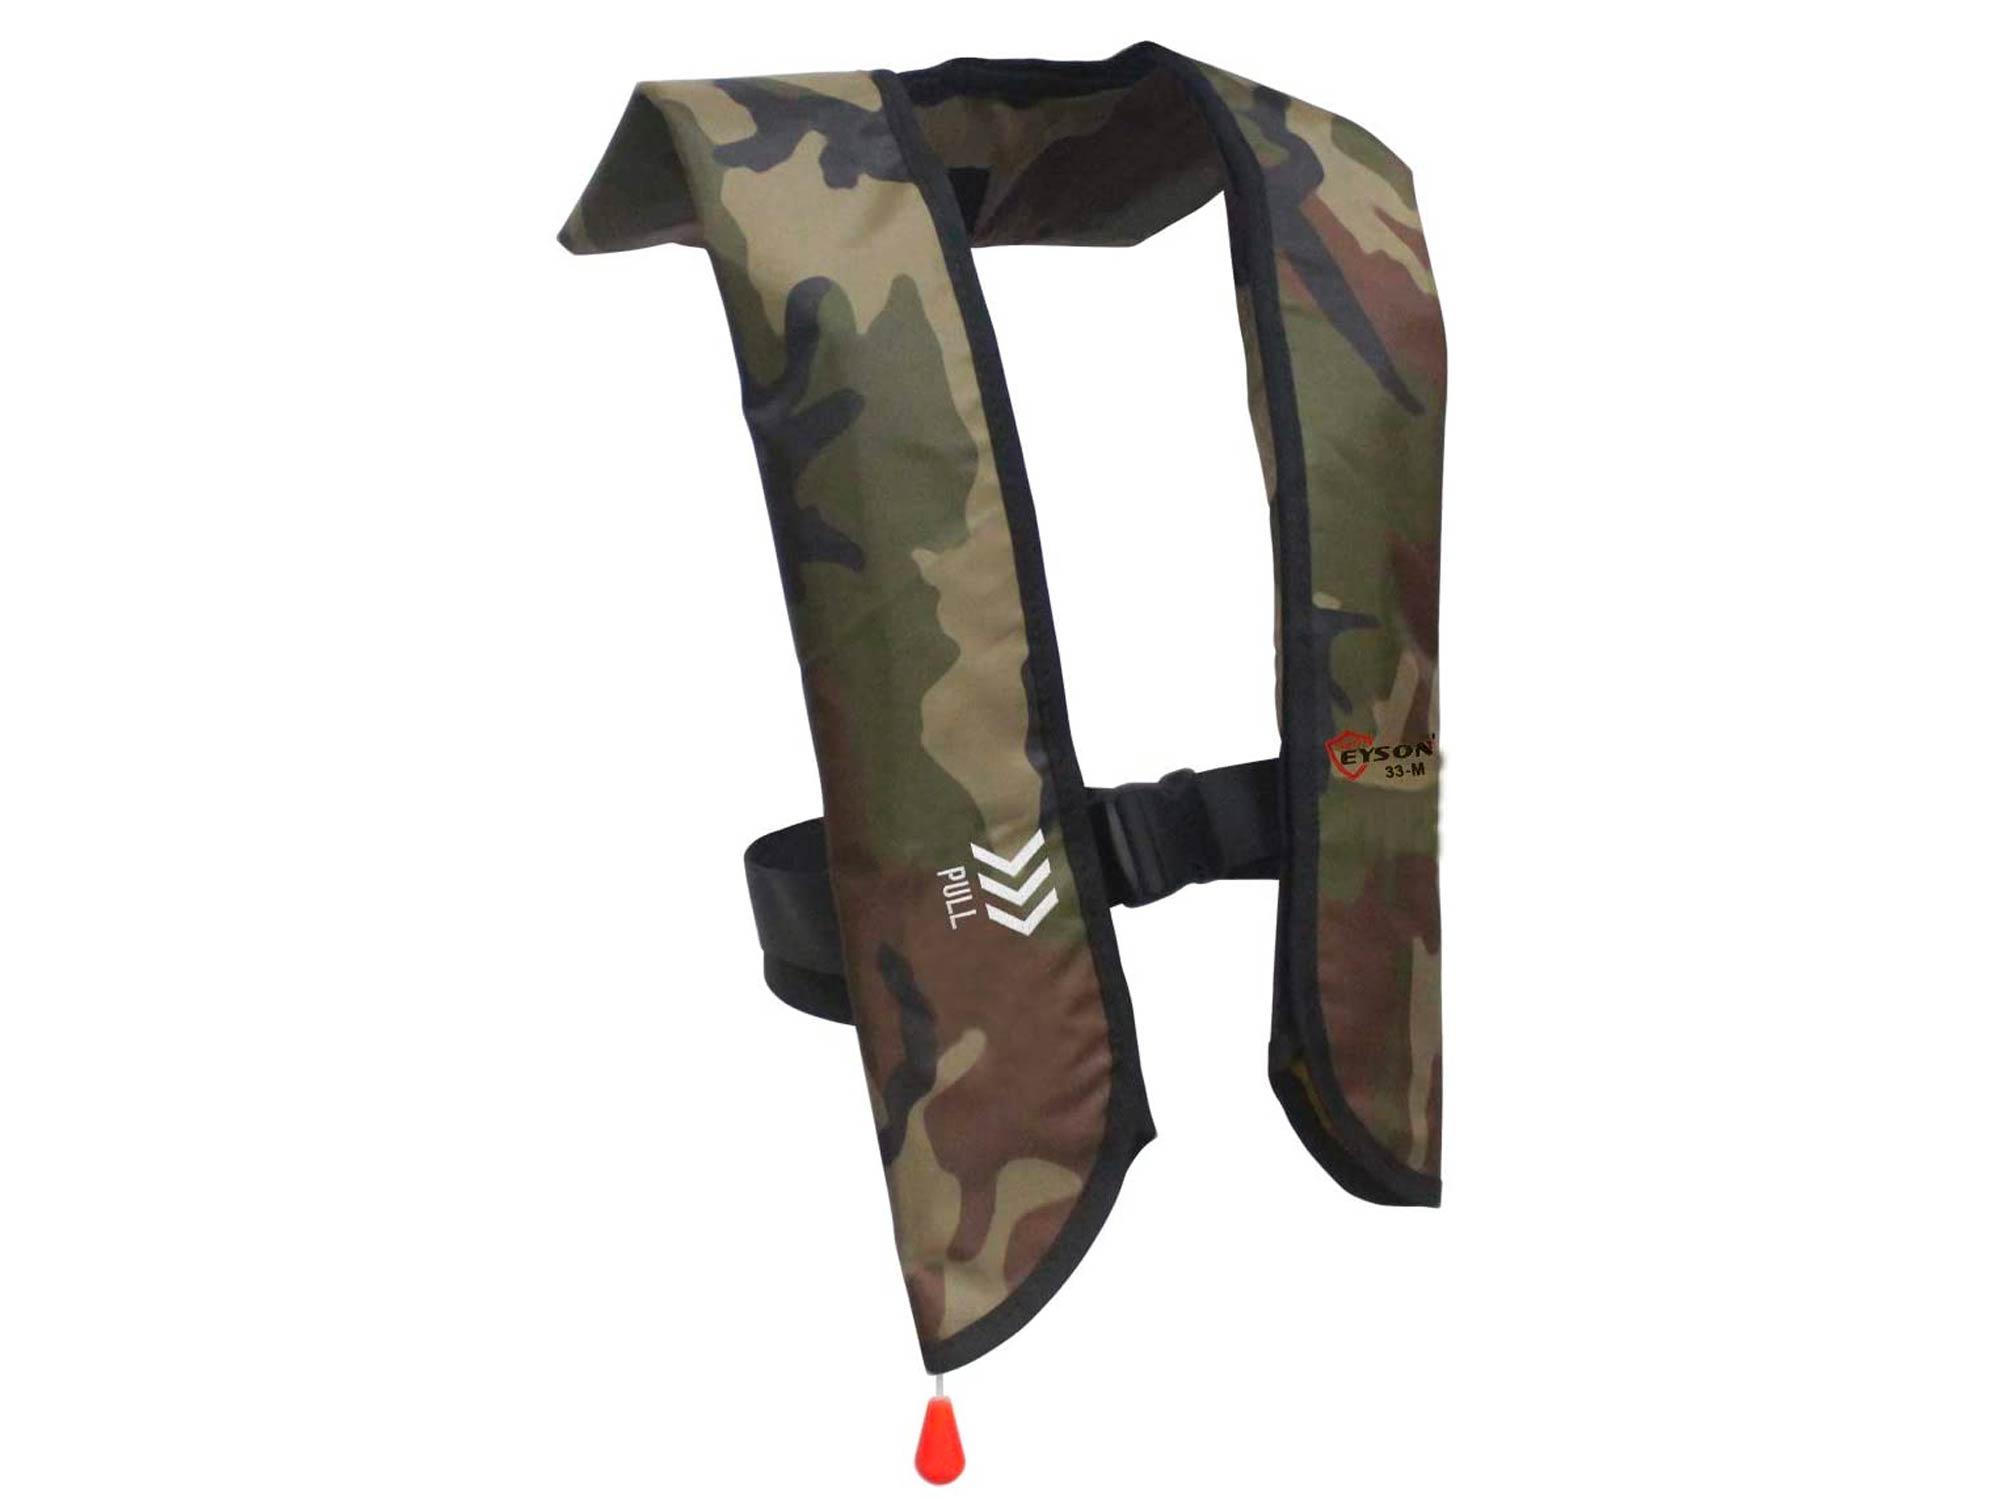 Eyson Inflatable Life Jacket Life Vest Basic Automatic/Manual